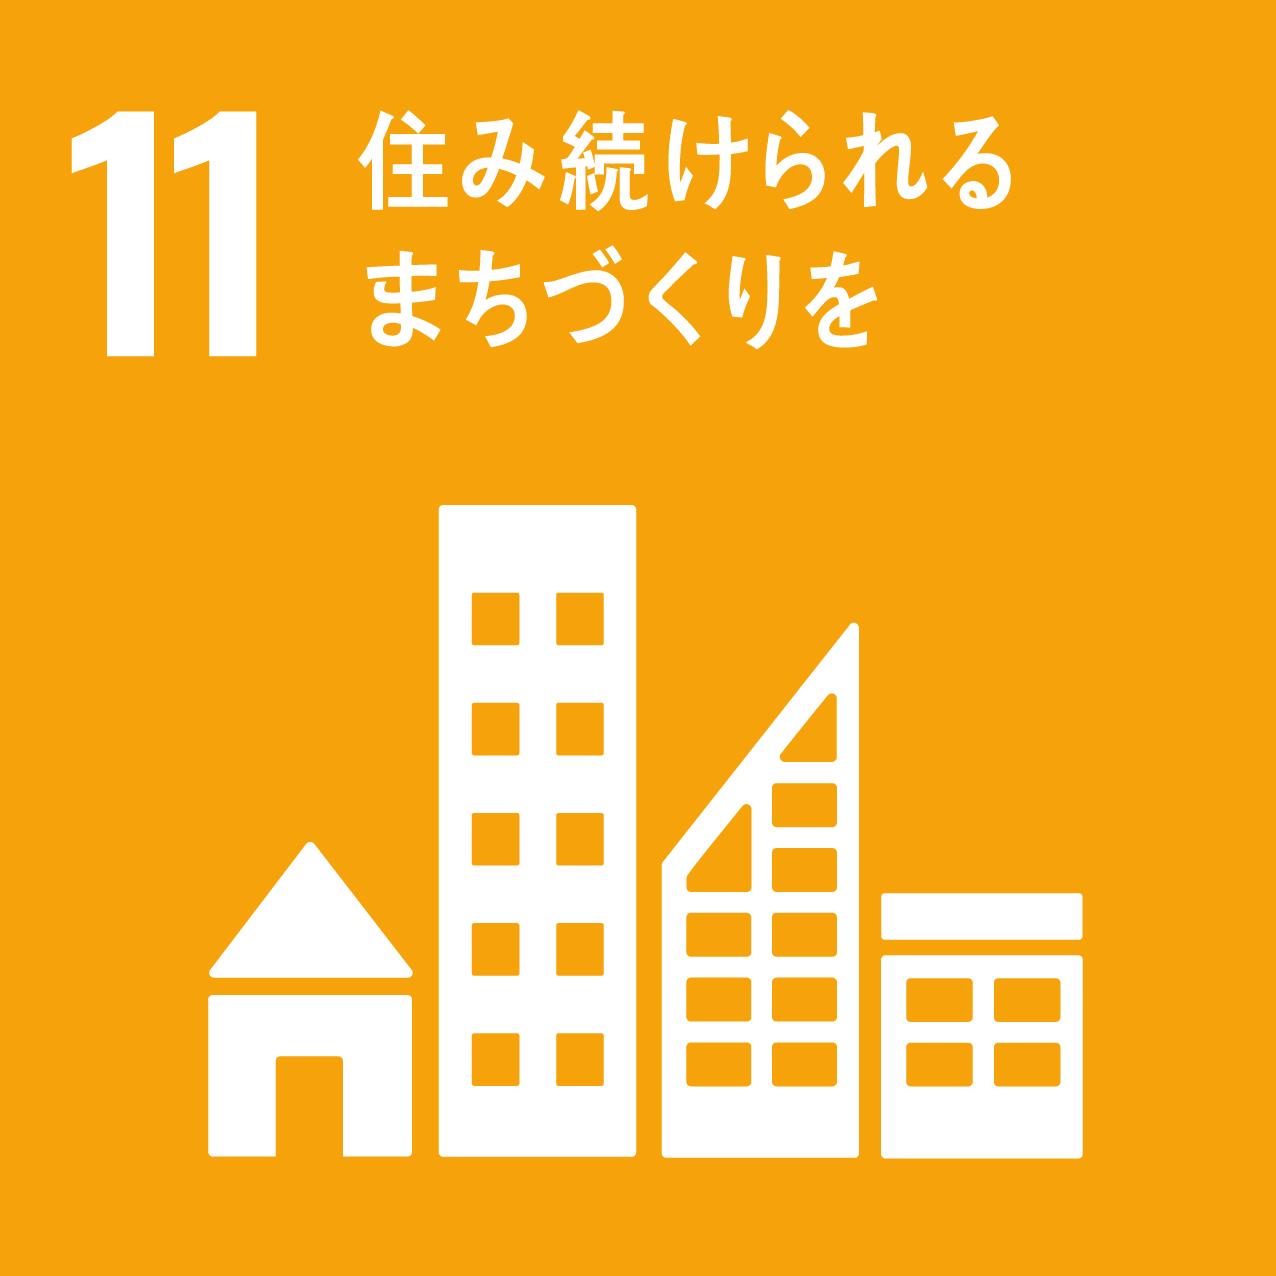 SDGs目標アイコン 11.住み続けられるまちづくりを